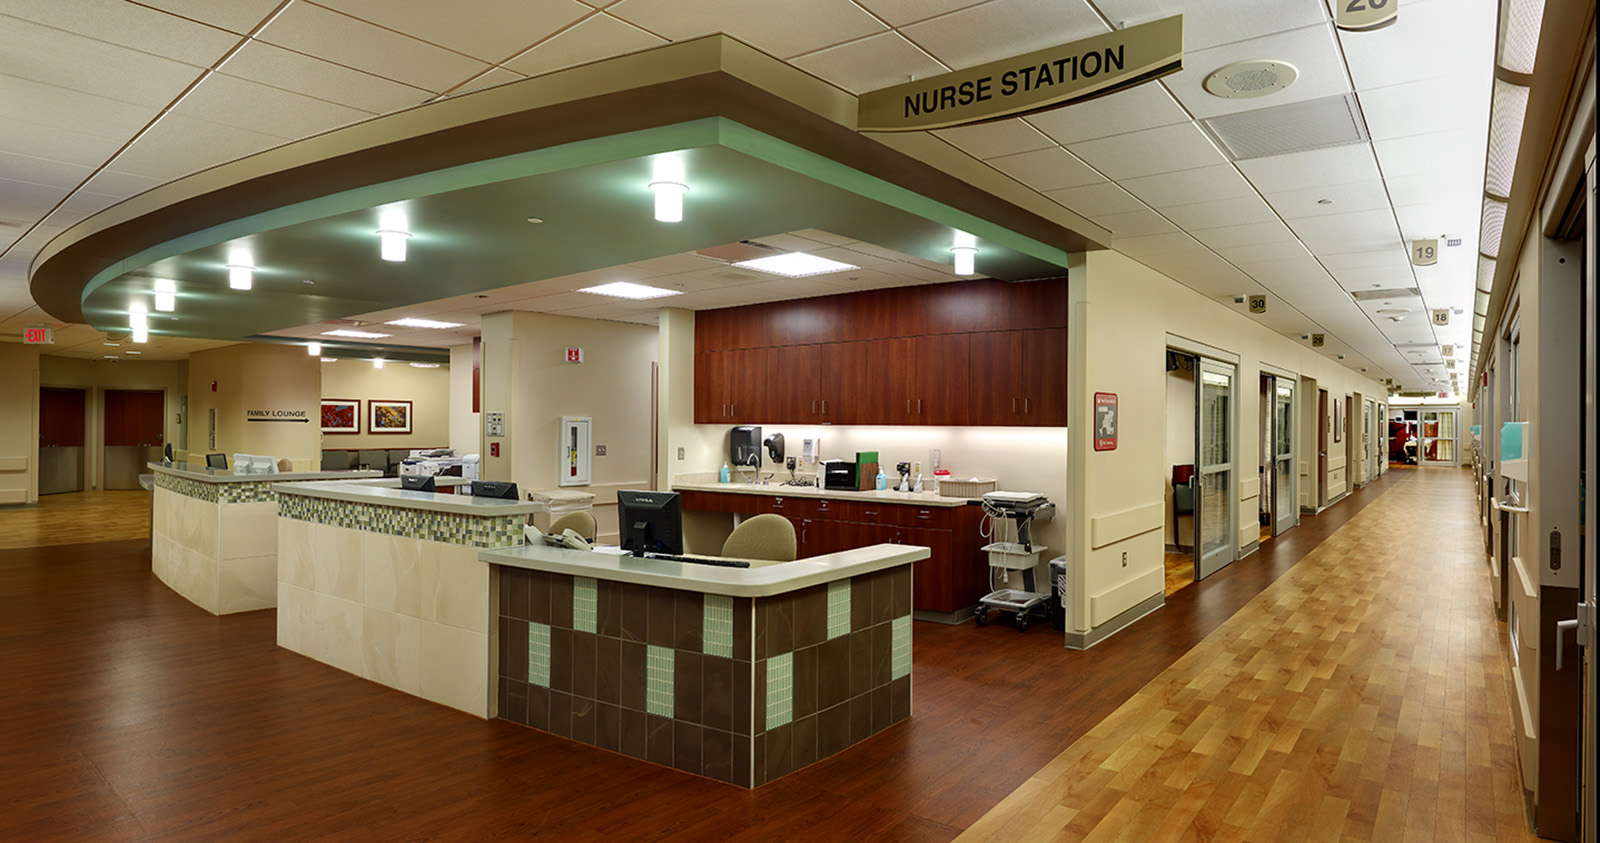 oakwood-heritage-hospital-nurse-station